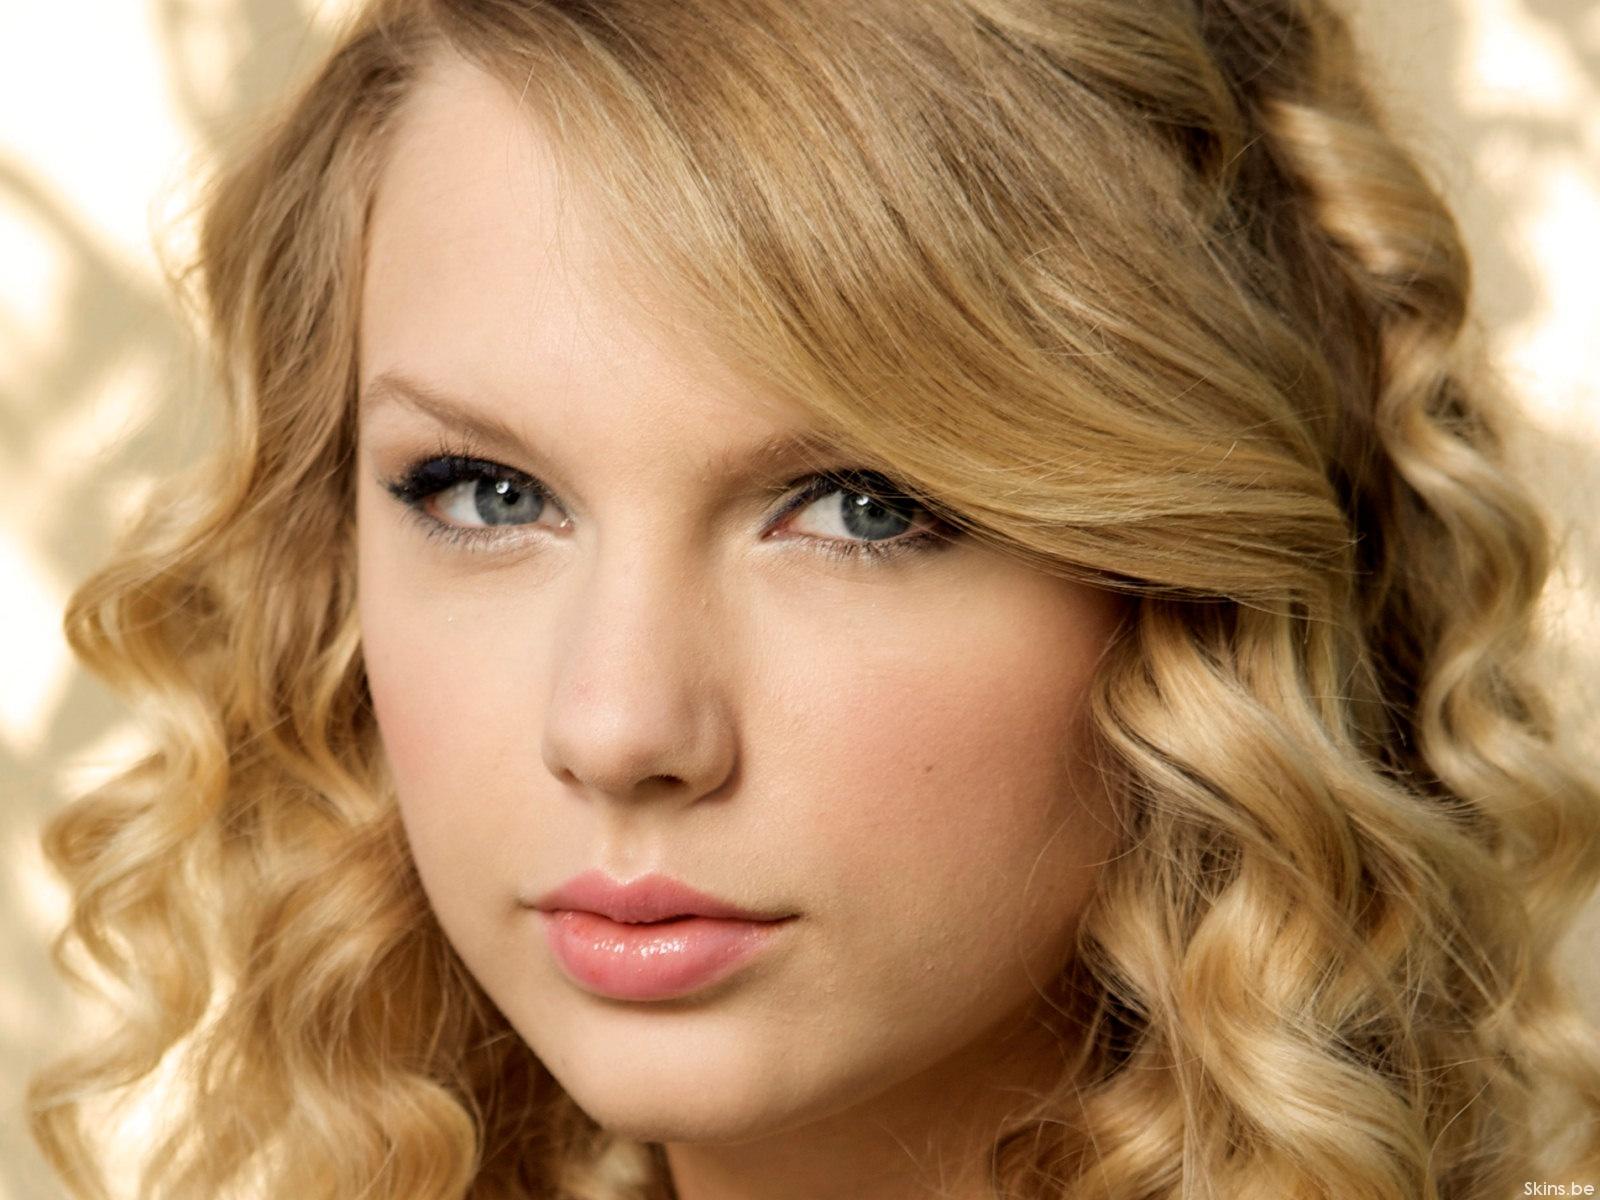 Hintergrundbilder Gesicht Augenbraue Blond Schönheit Haut